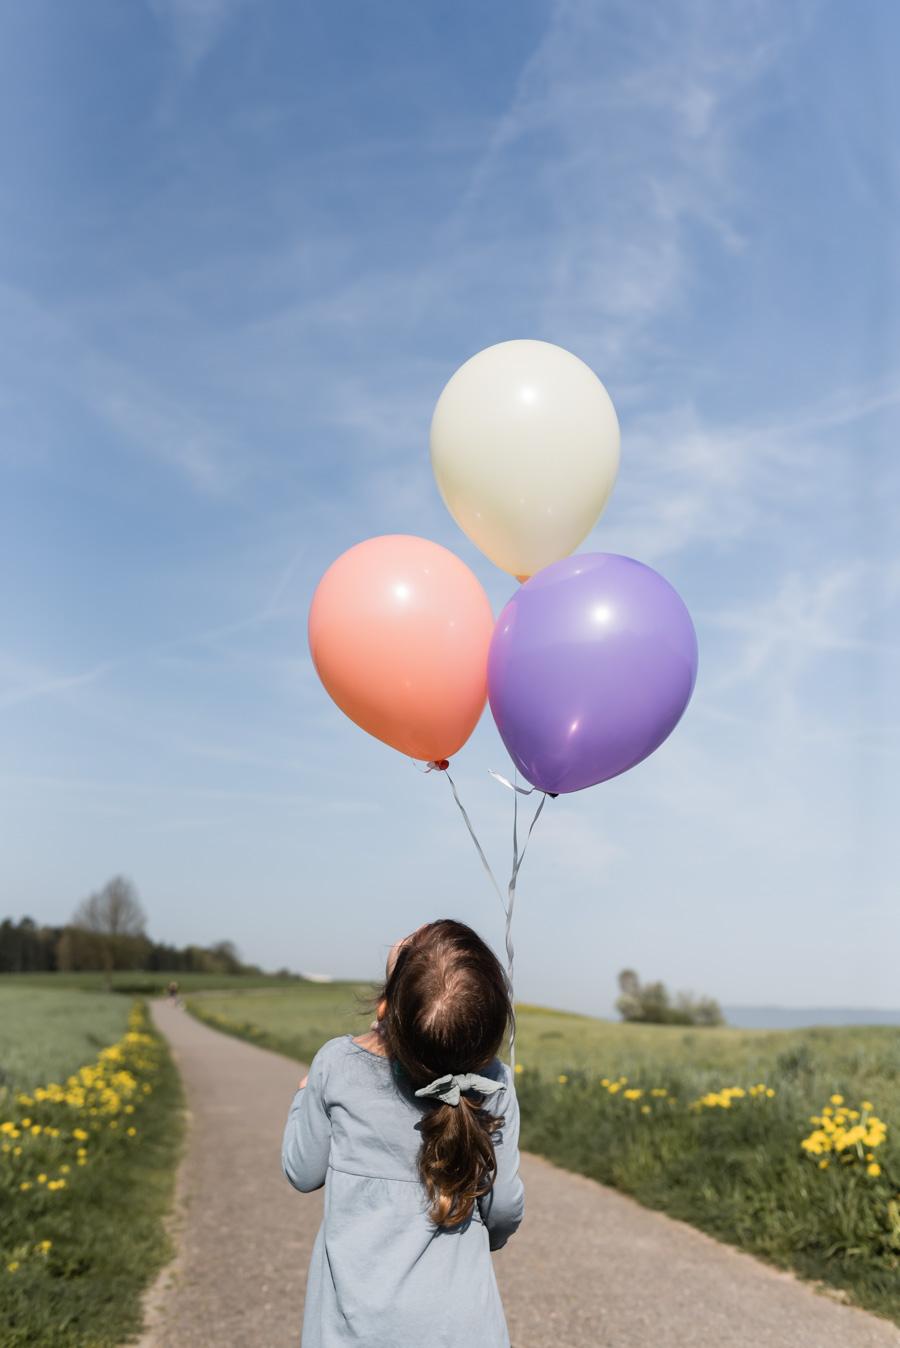 Zusammen feiern: Schöne Geburtstagsrituale für Kinder #kindergeburtstag #geburtstagsrituale #geburtstag